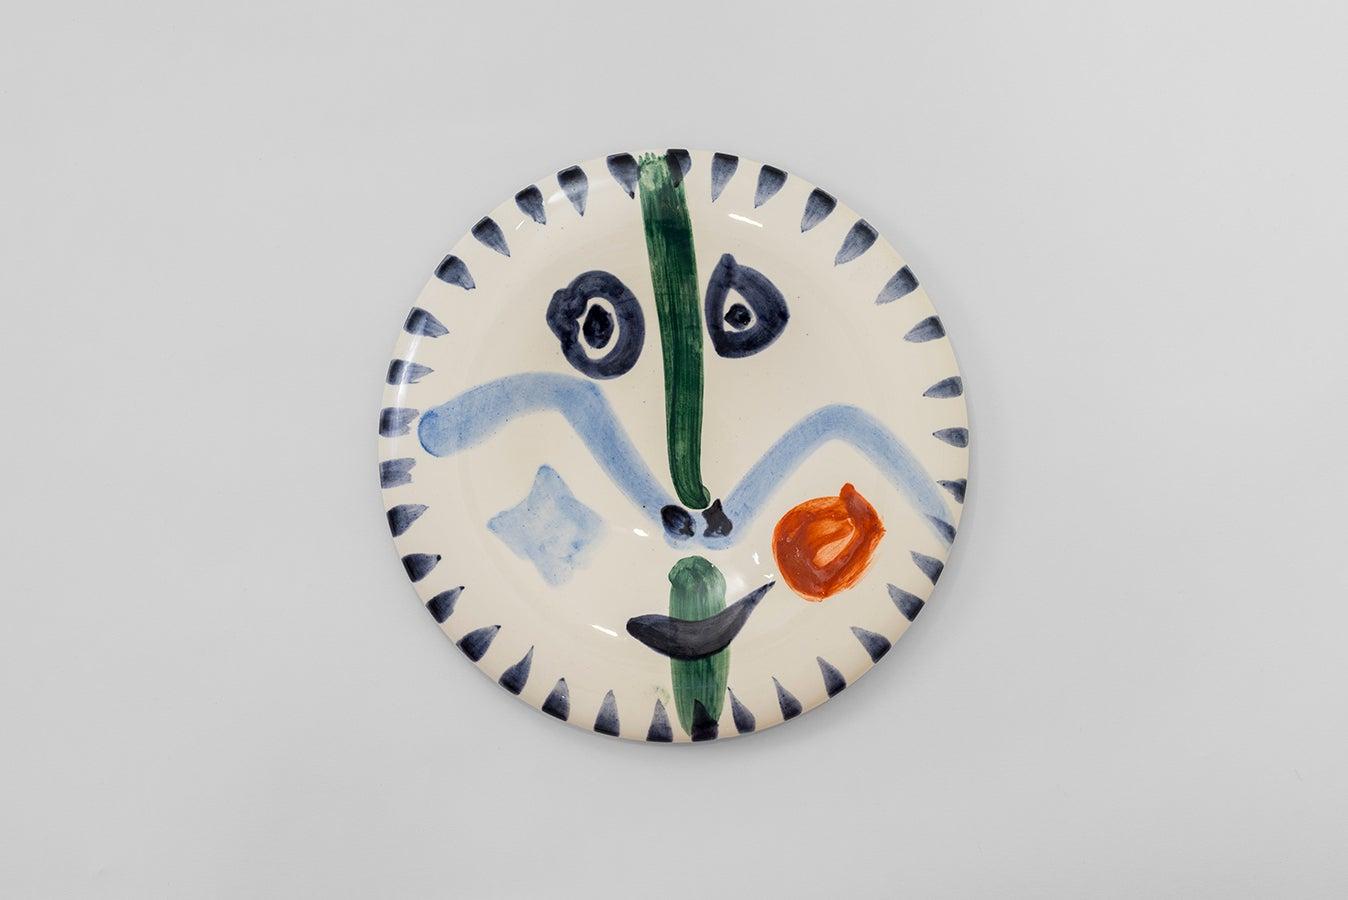 Pablo Picasso - Madoura Ceramic: Face no. 111 (Visage no. 111)